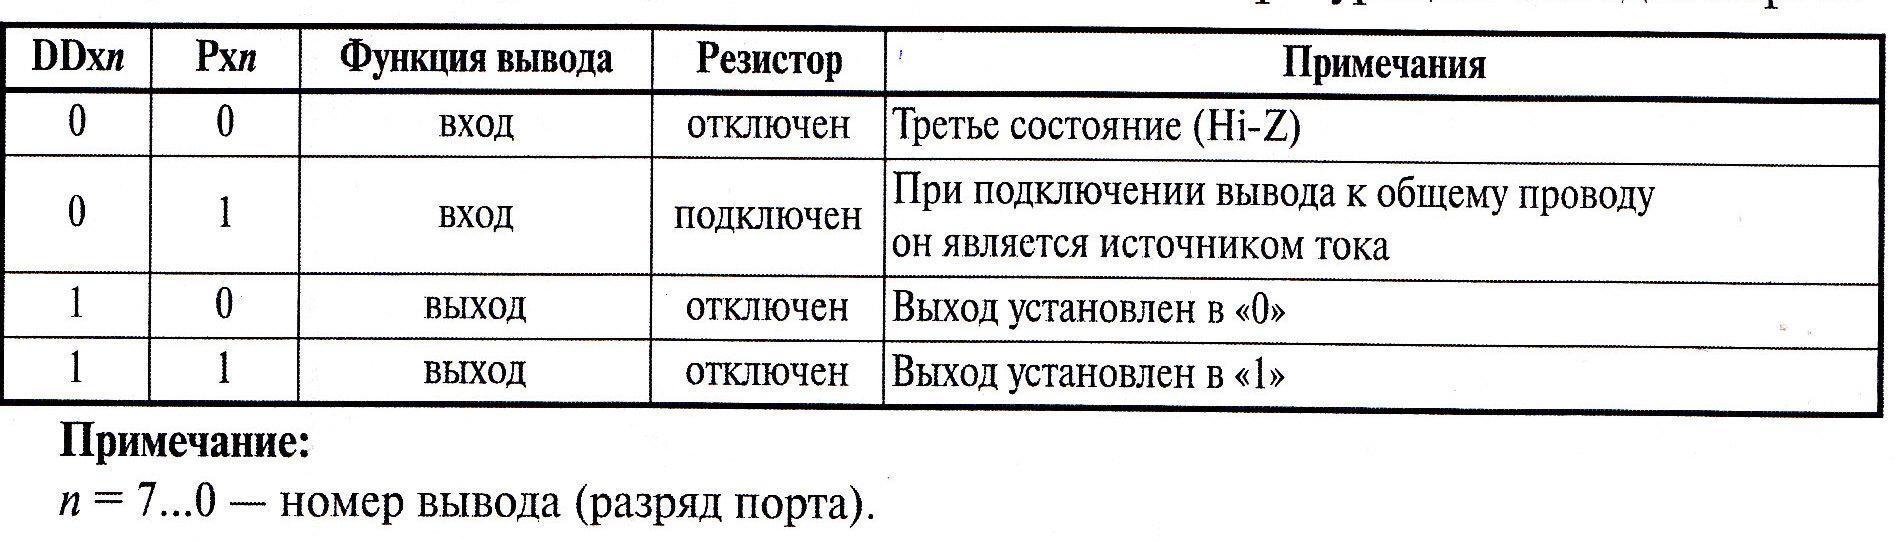 схема и характеристики индикатора разряда